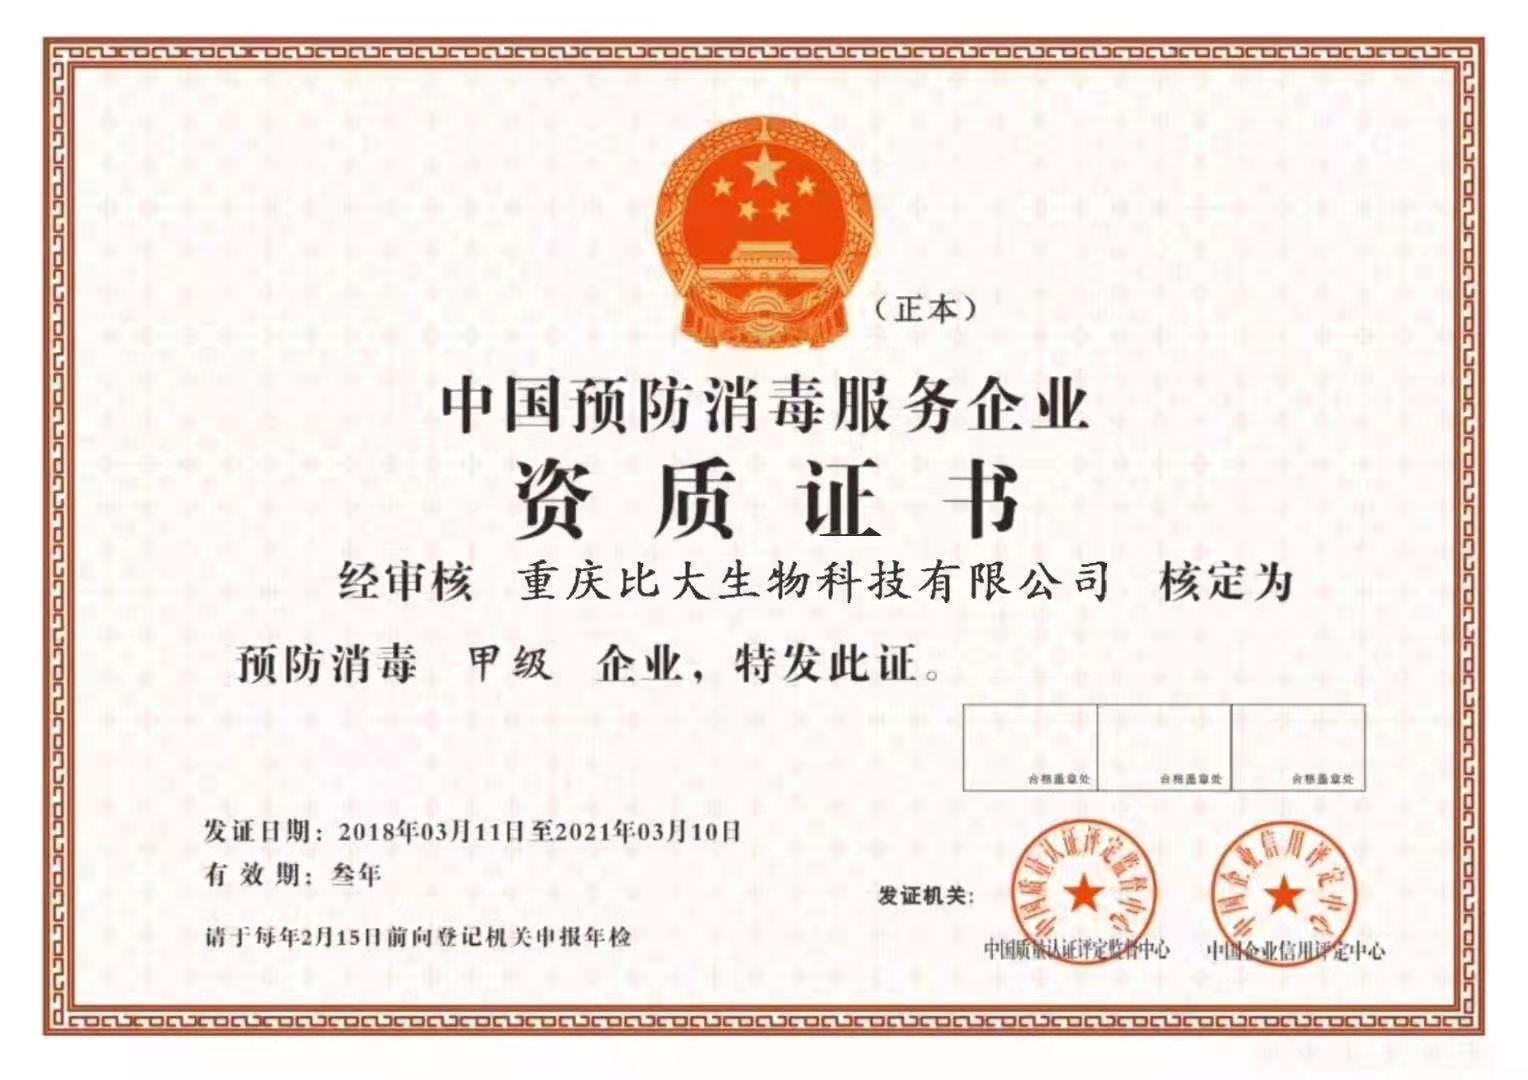 中国顶防消毒服务企业资质证书